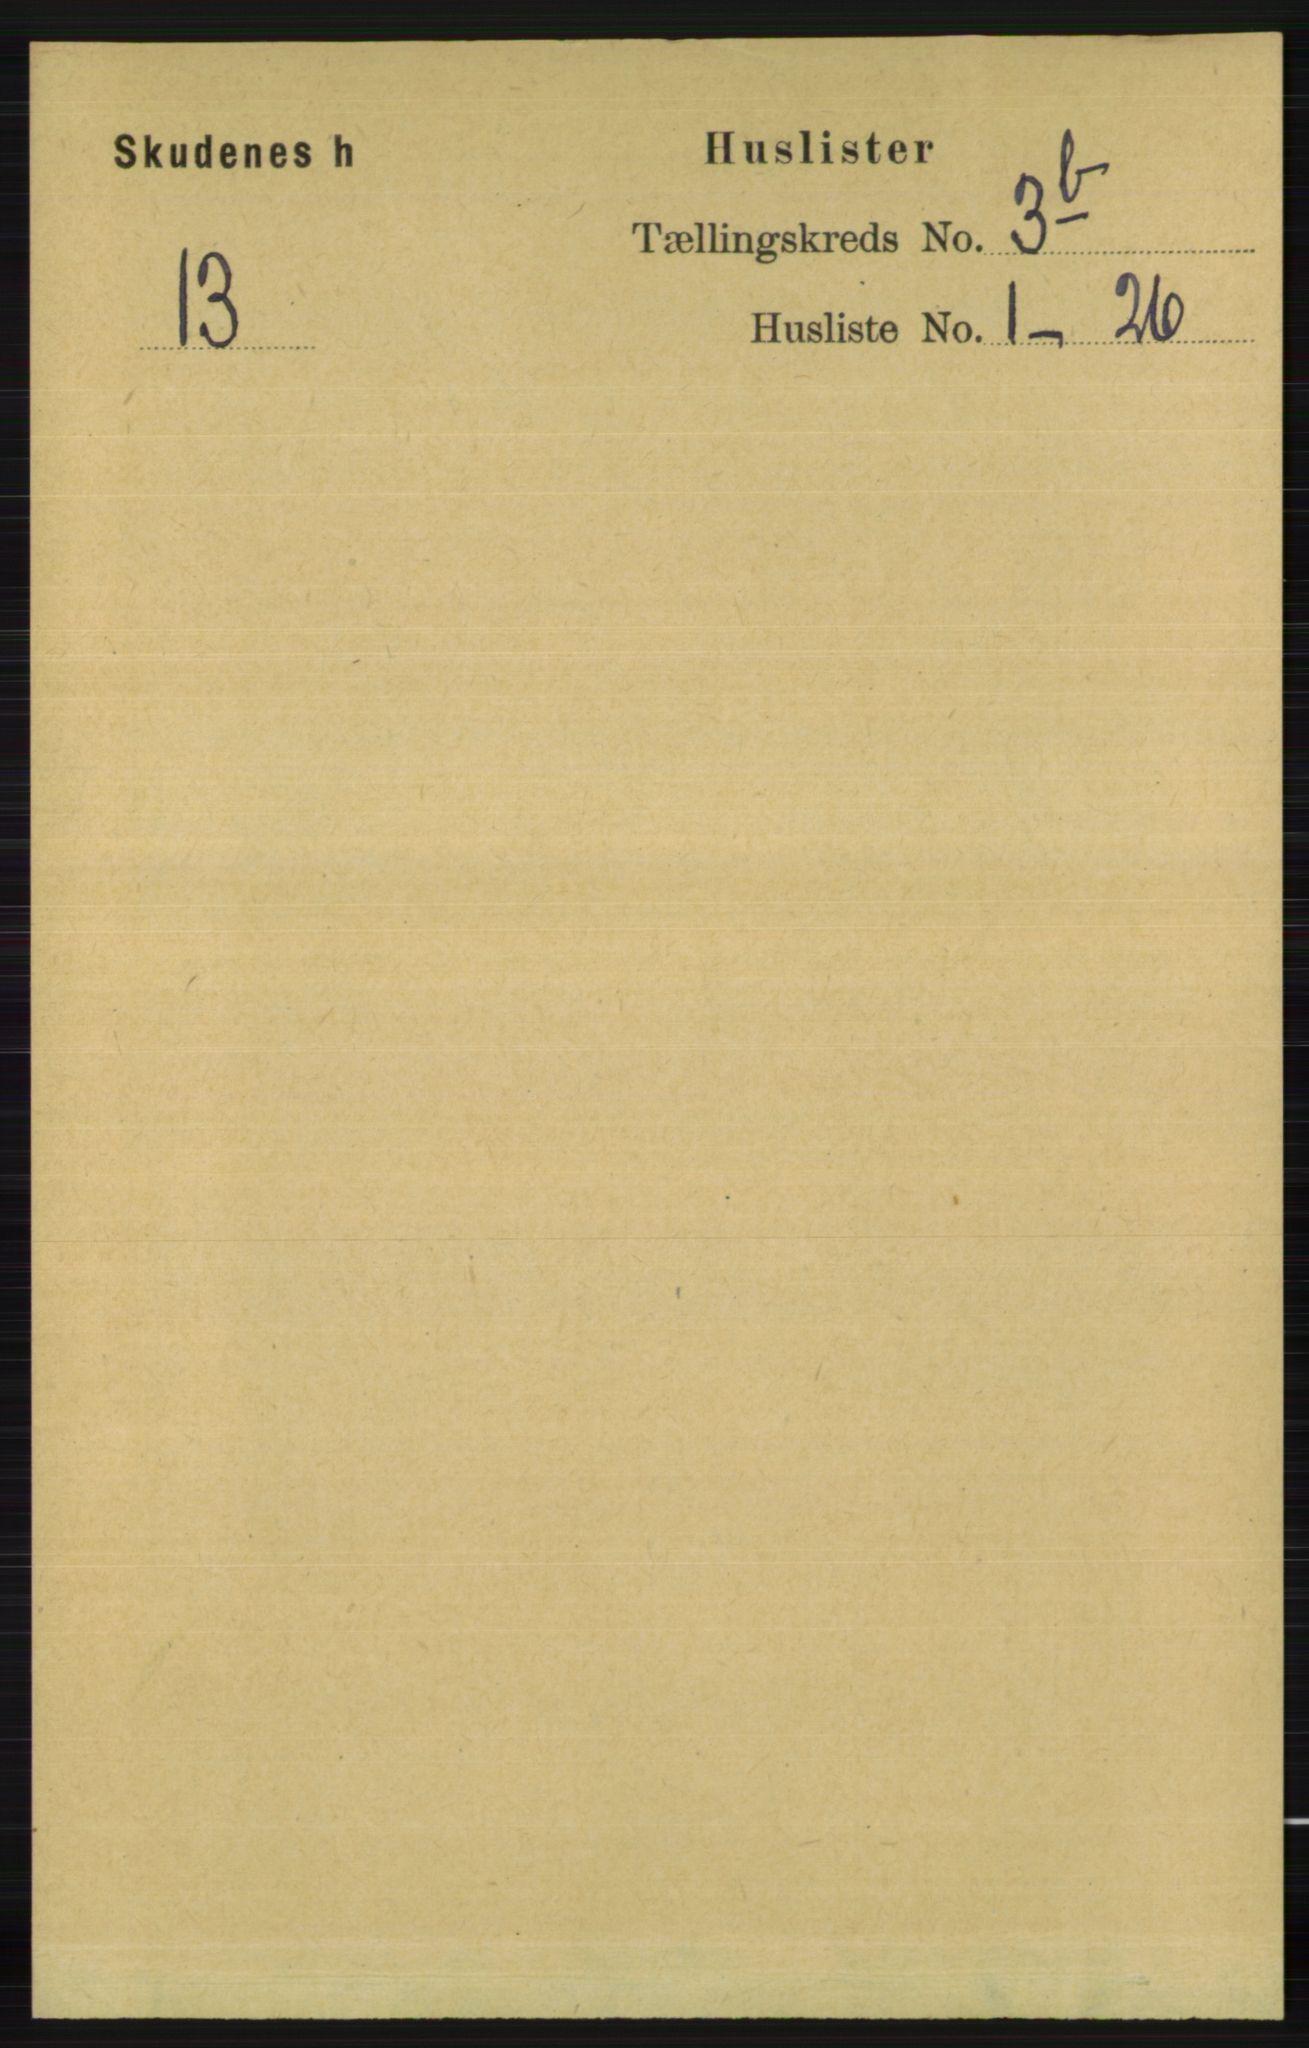 RA, Folketelling 1891 for 1150 Skudenes herred, 1891, s. 1611